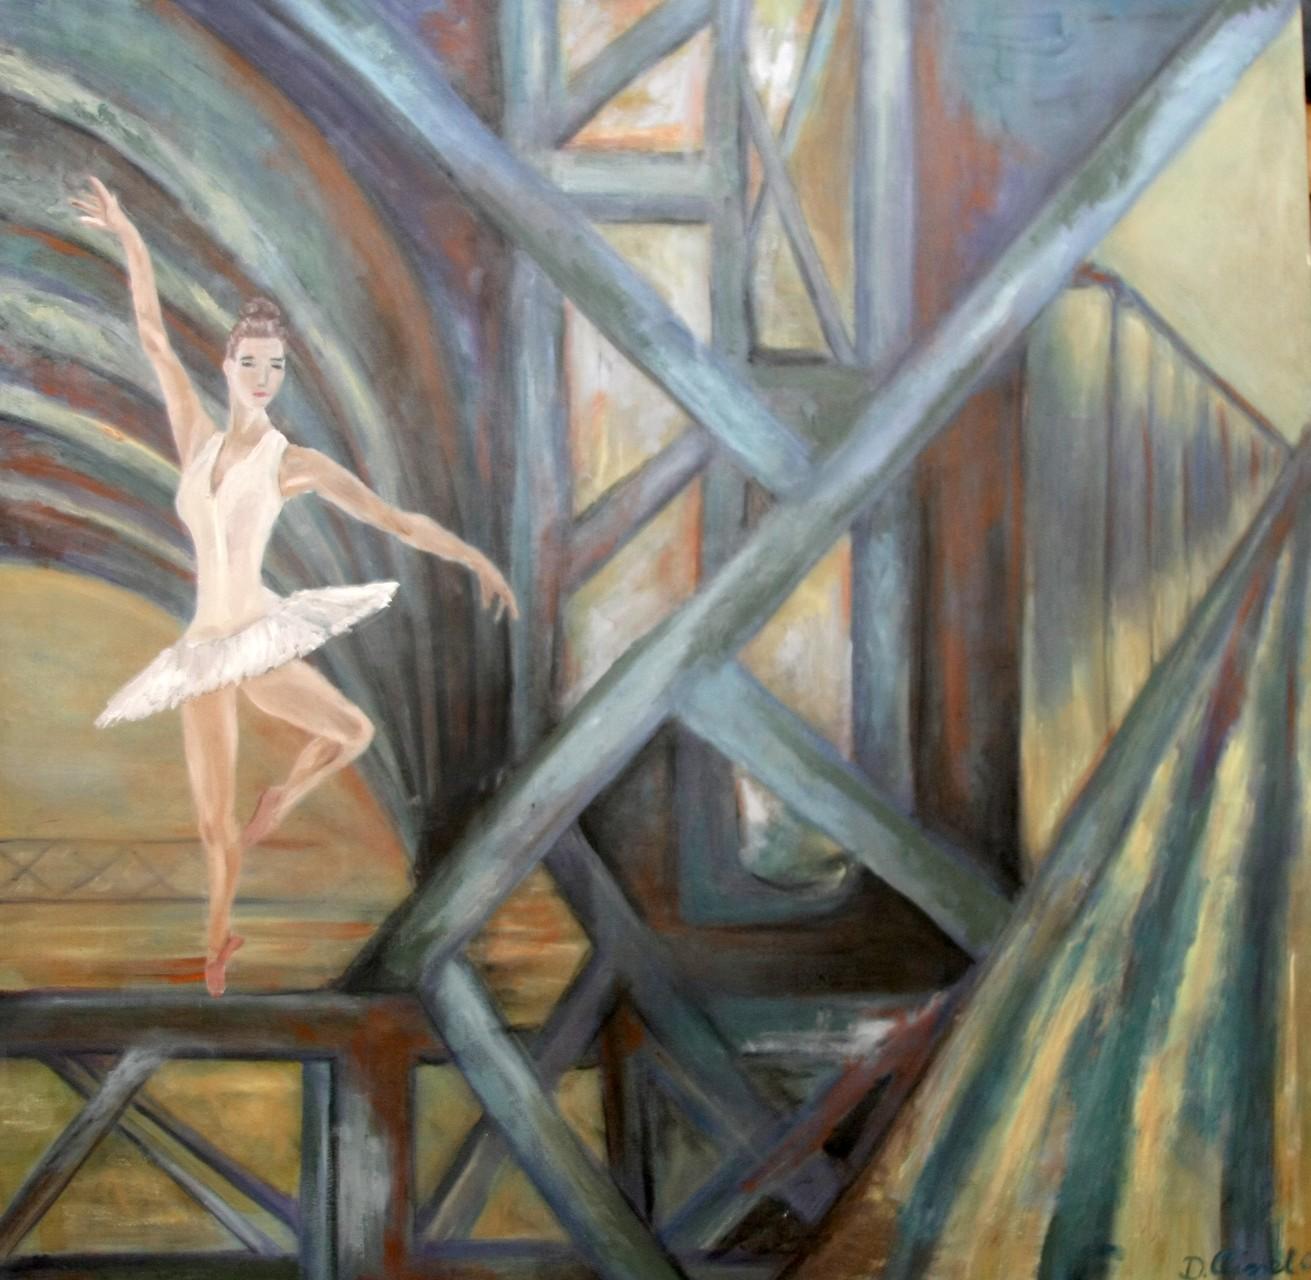 Ballett-Tänzerin 100 x 100 cm